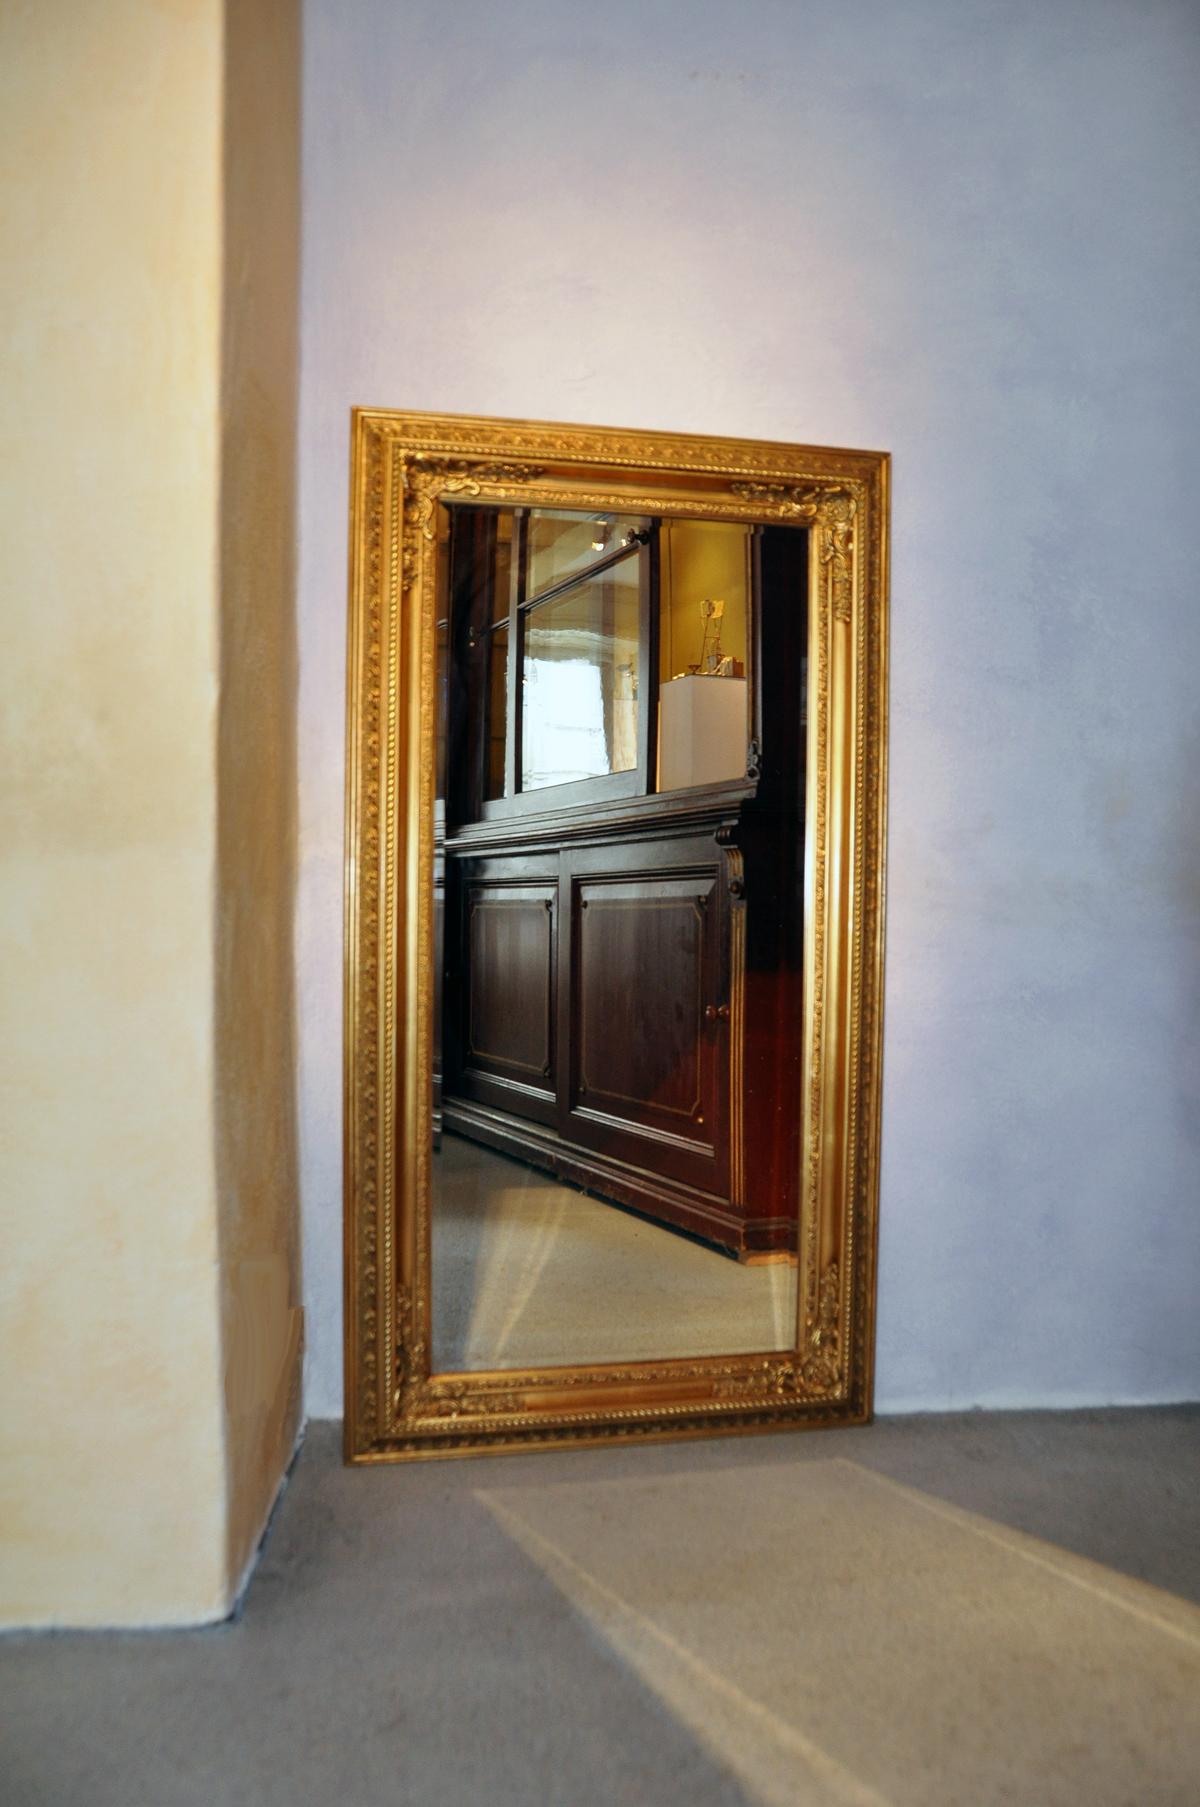 Barock prunkspiegel wandspiegel zierspiegel goldspiegel 60 for Spiegel 60x180